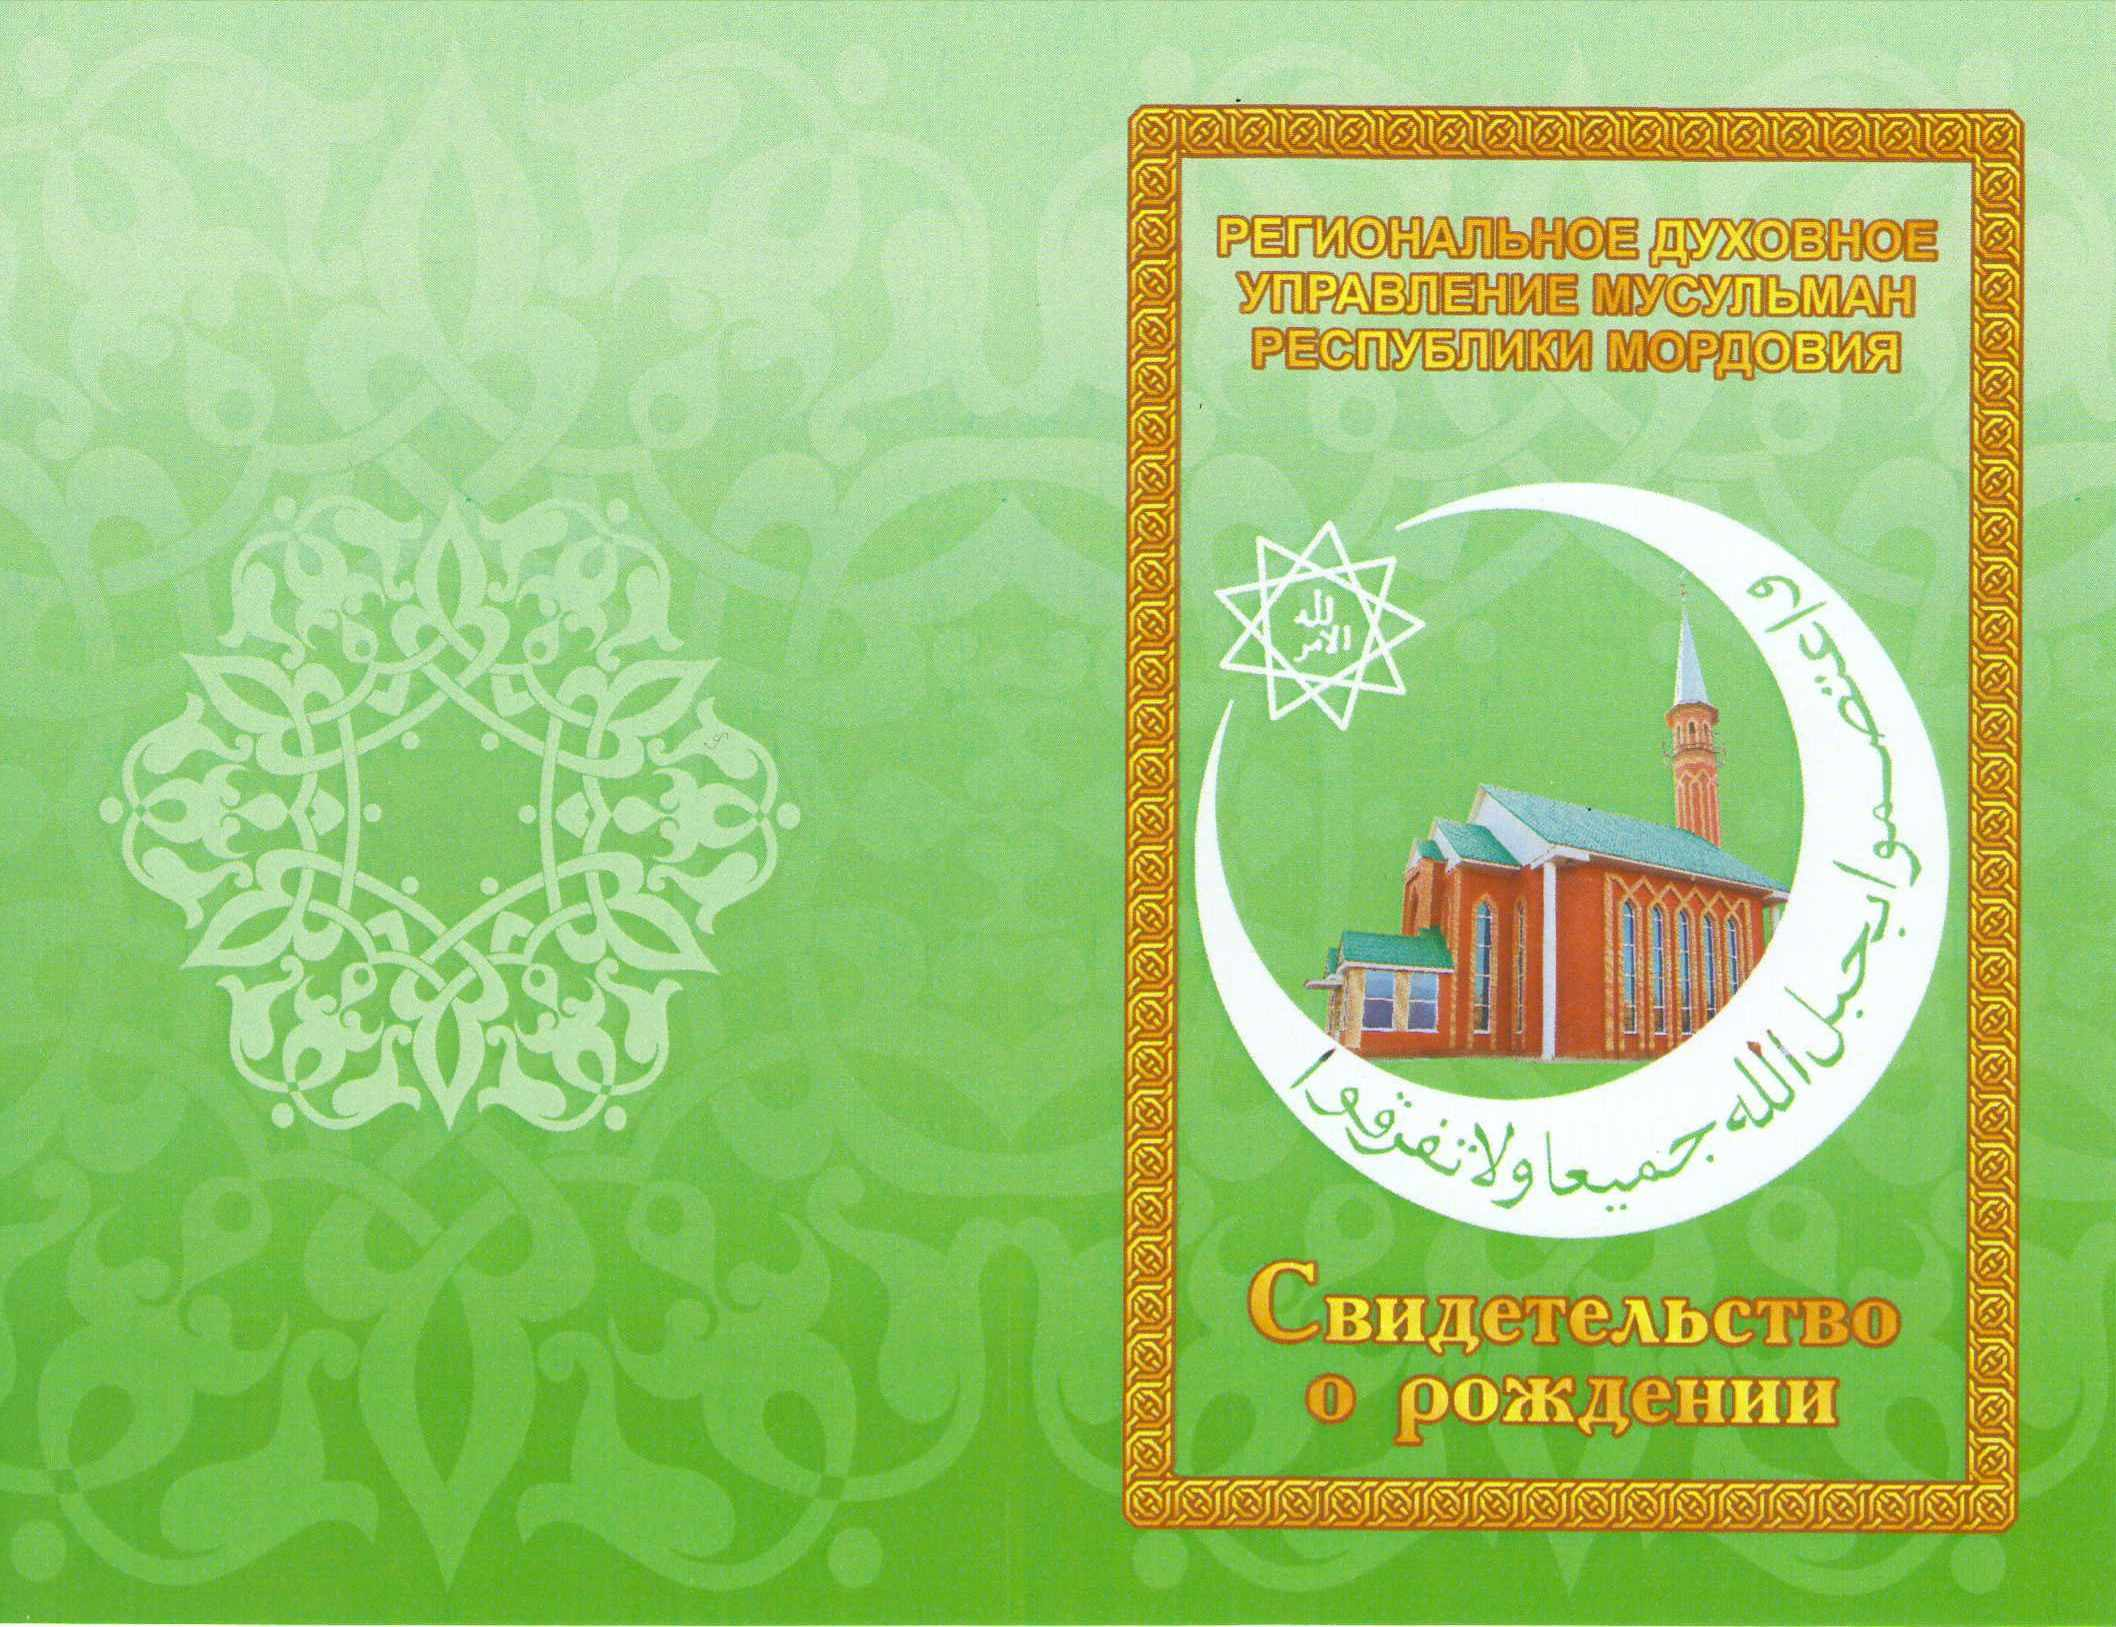 Поздравления мусульман на татарском языке